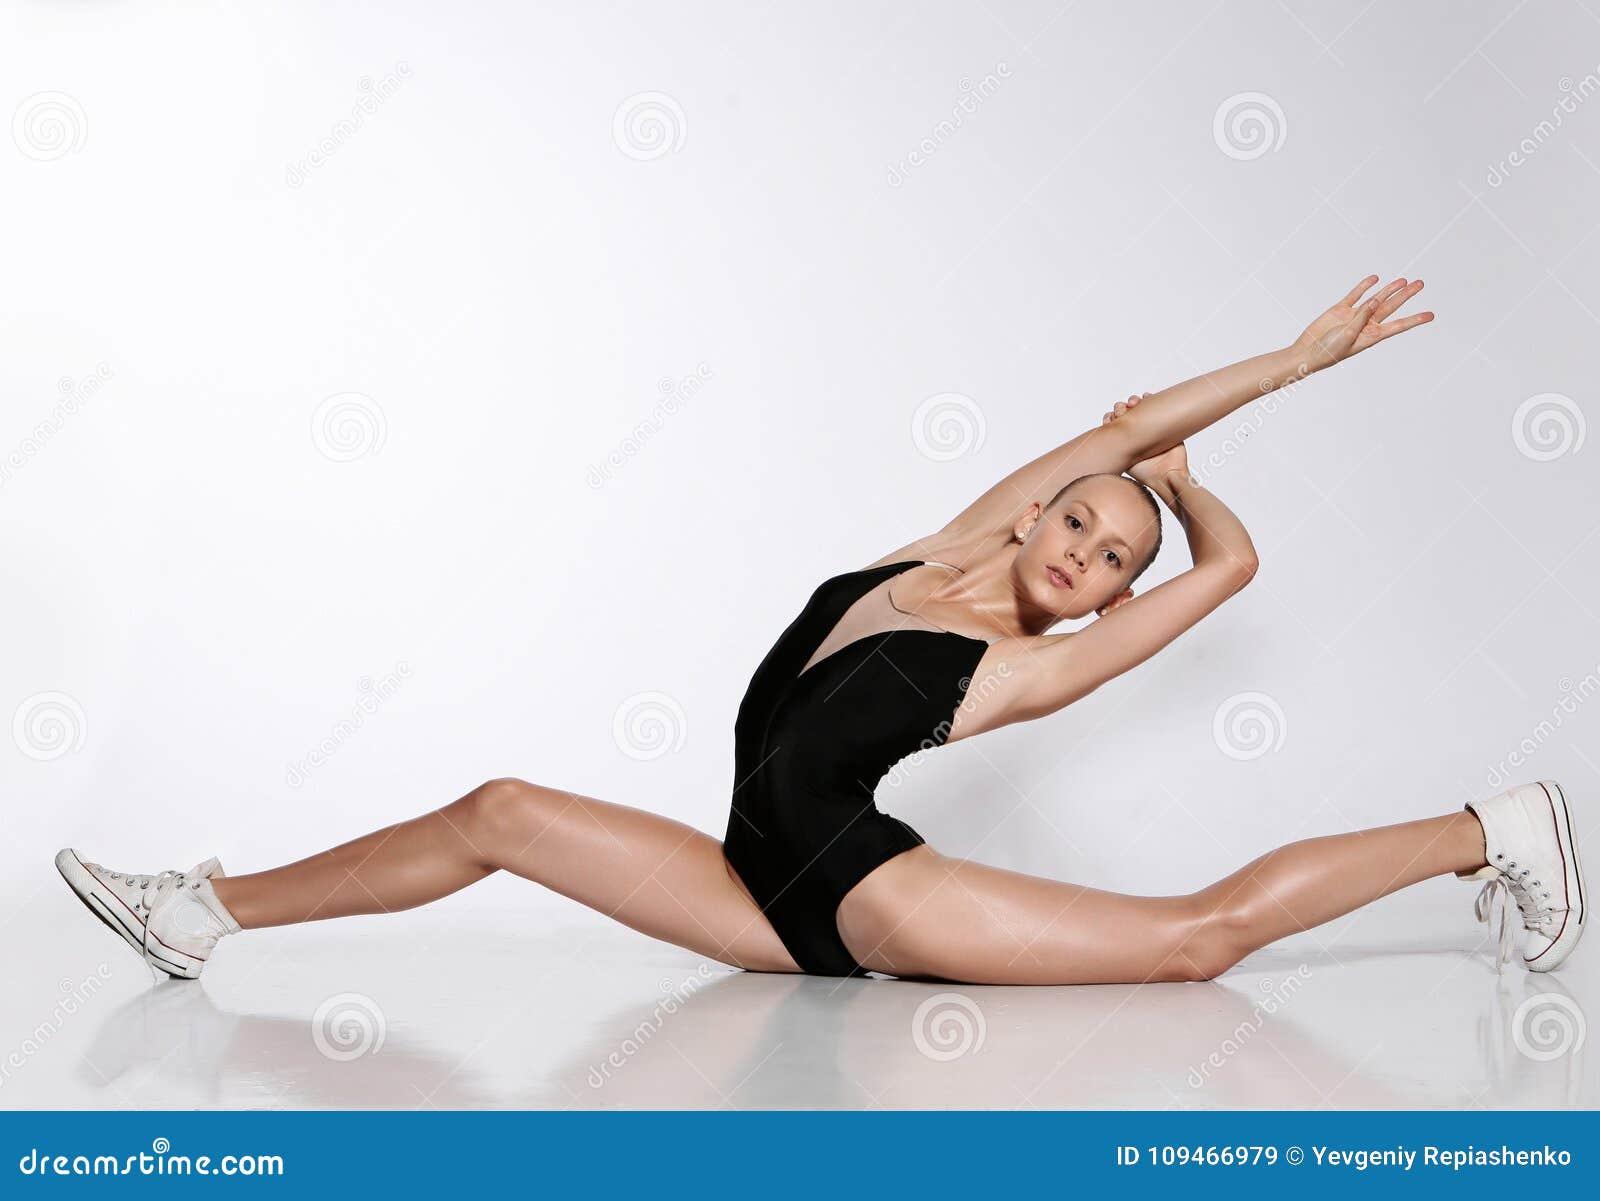 Flicka i gymnastikskor på en tvinna